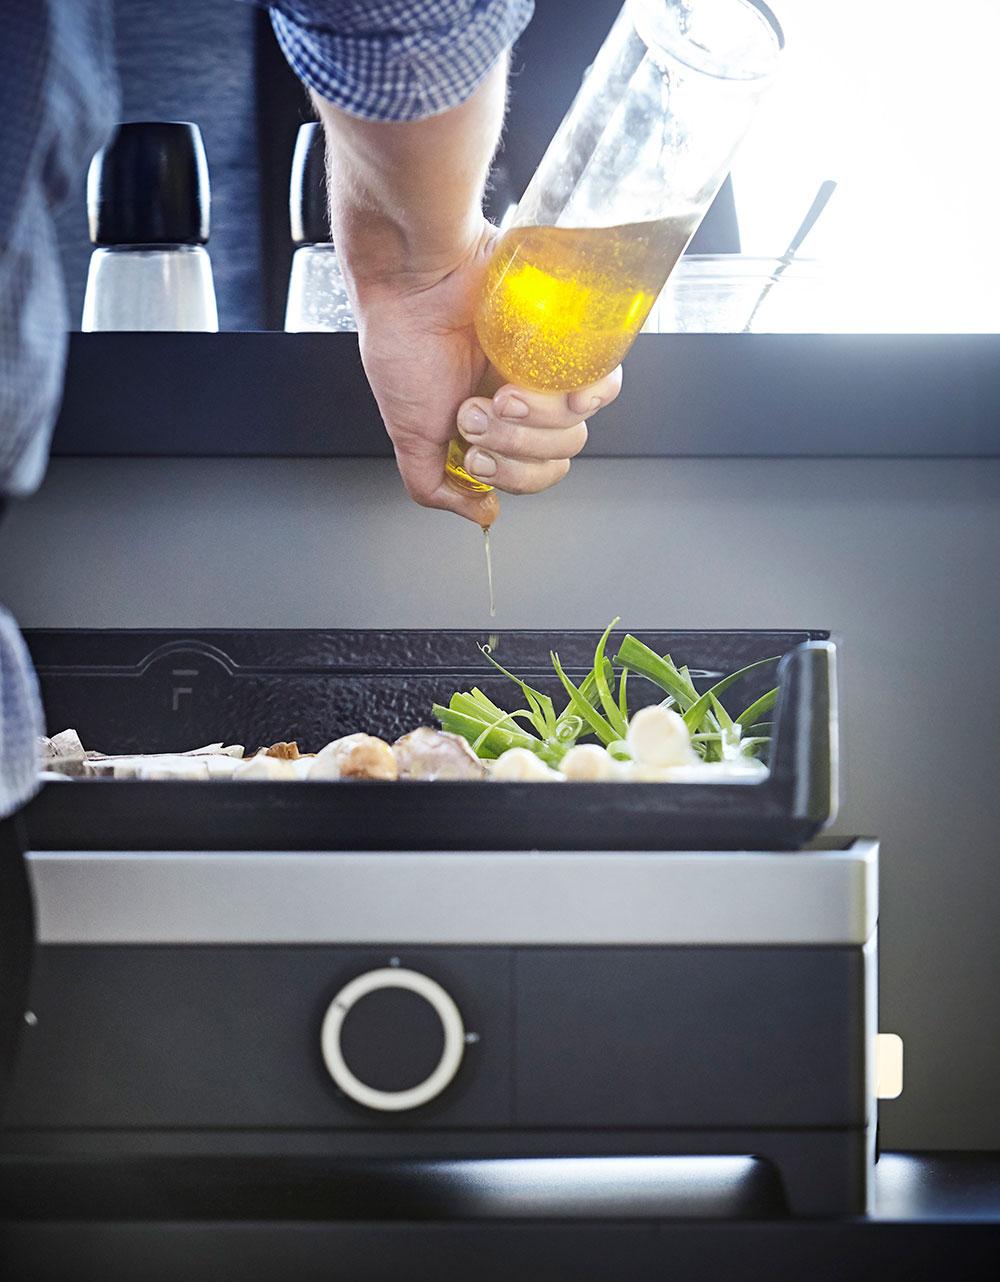 Assaisonnement-plancha-cuisine-legumes-forge-adour